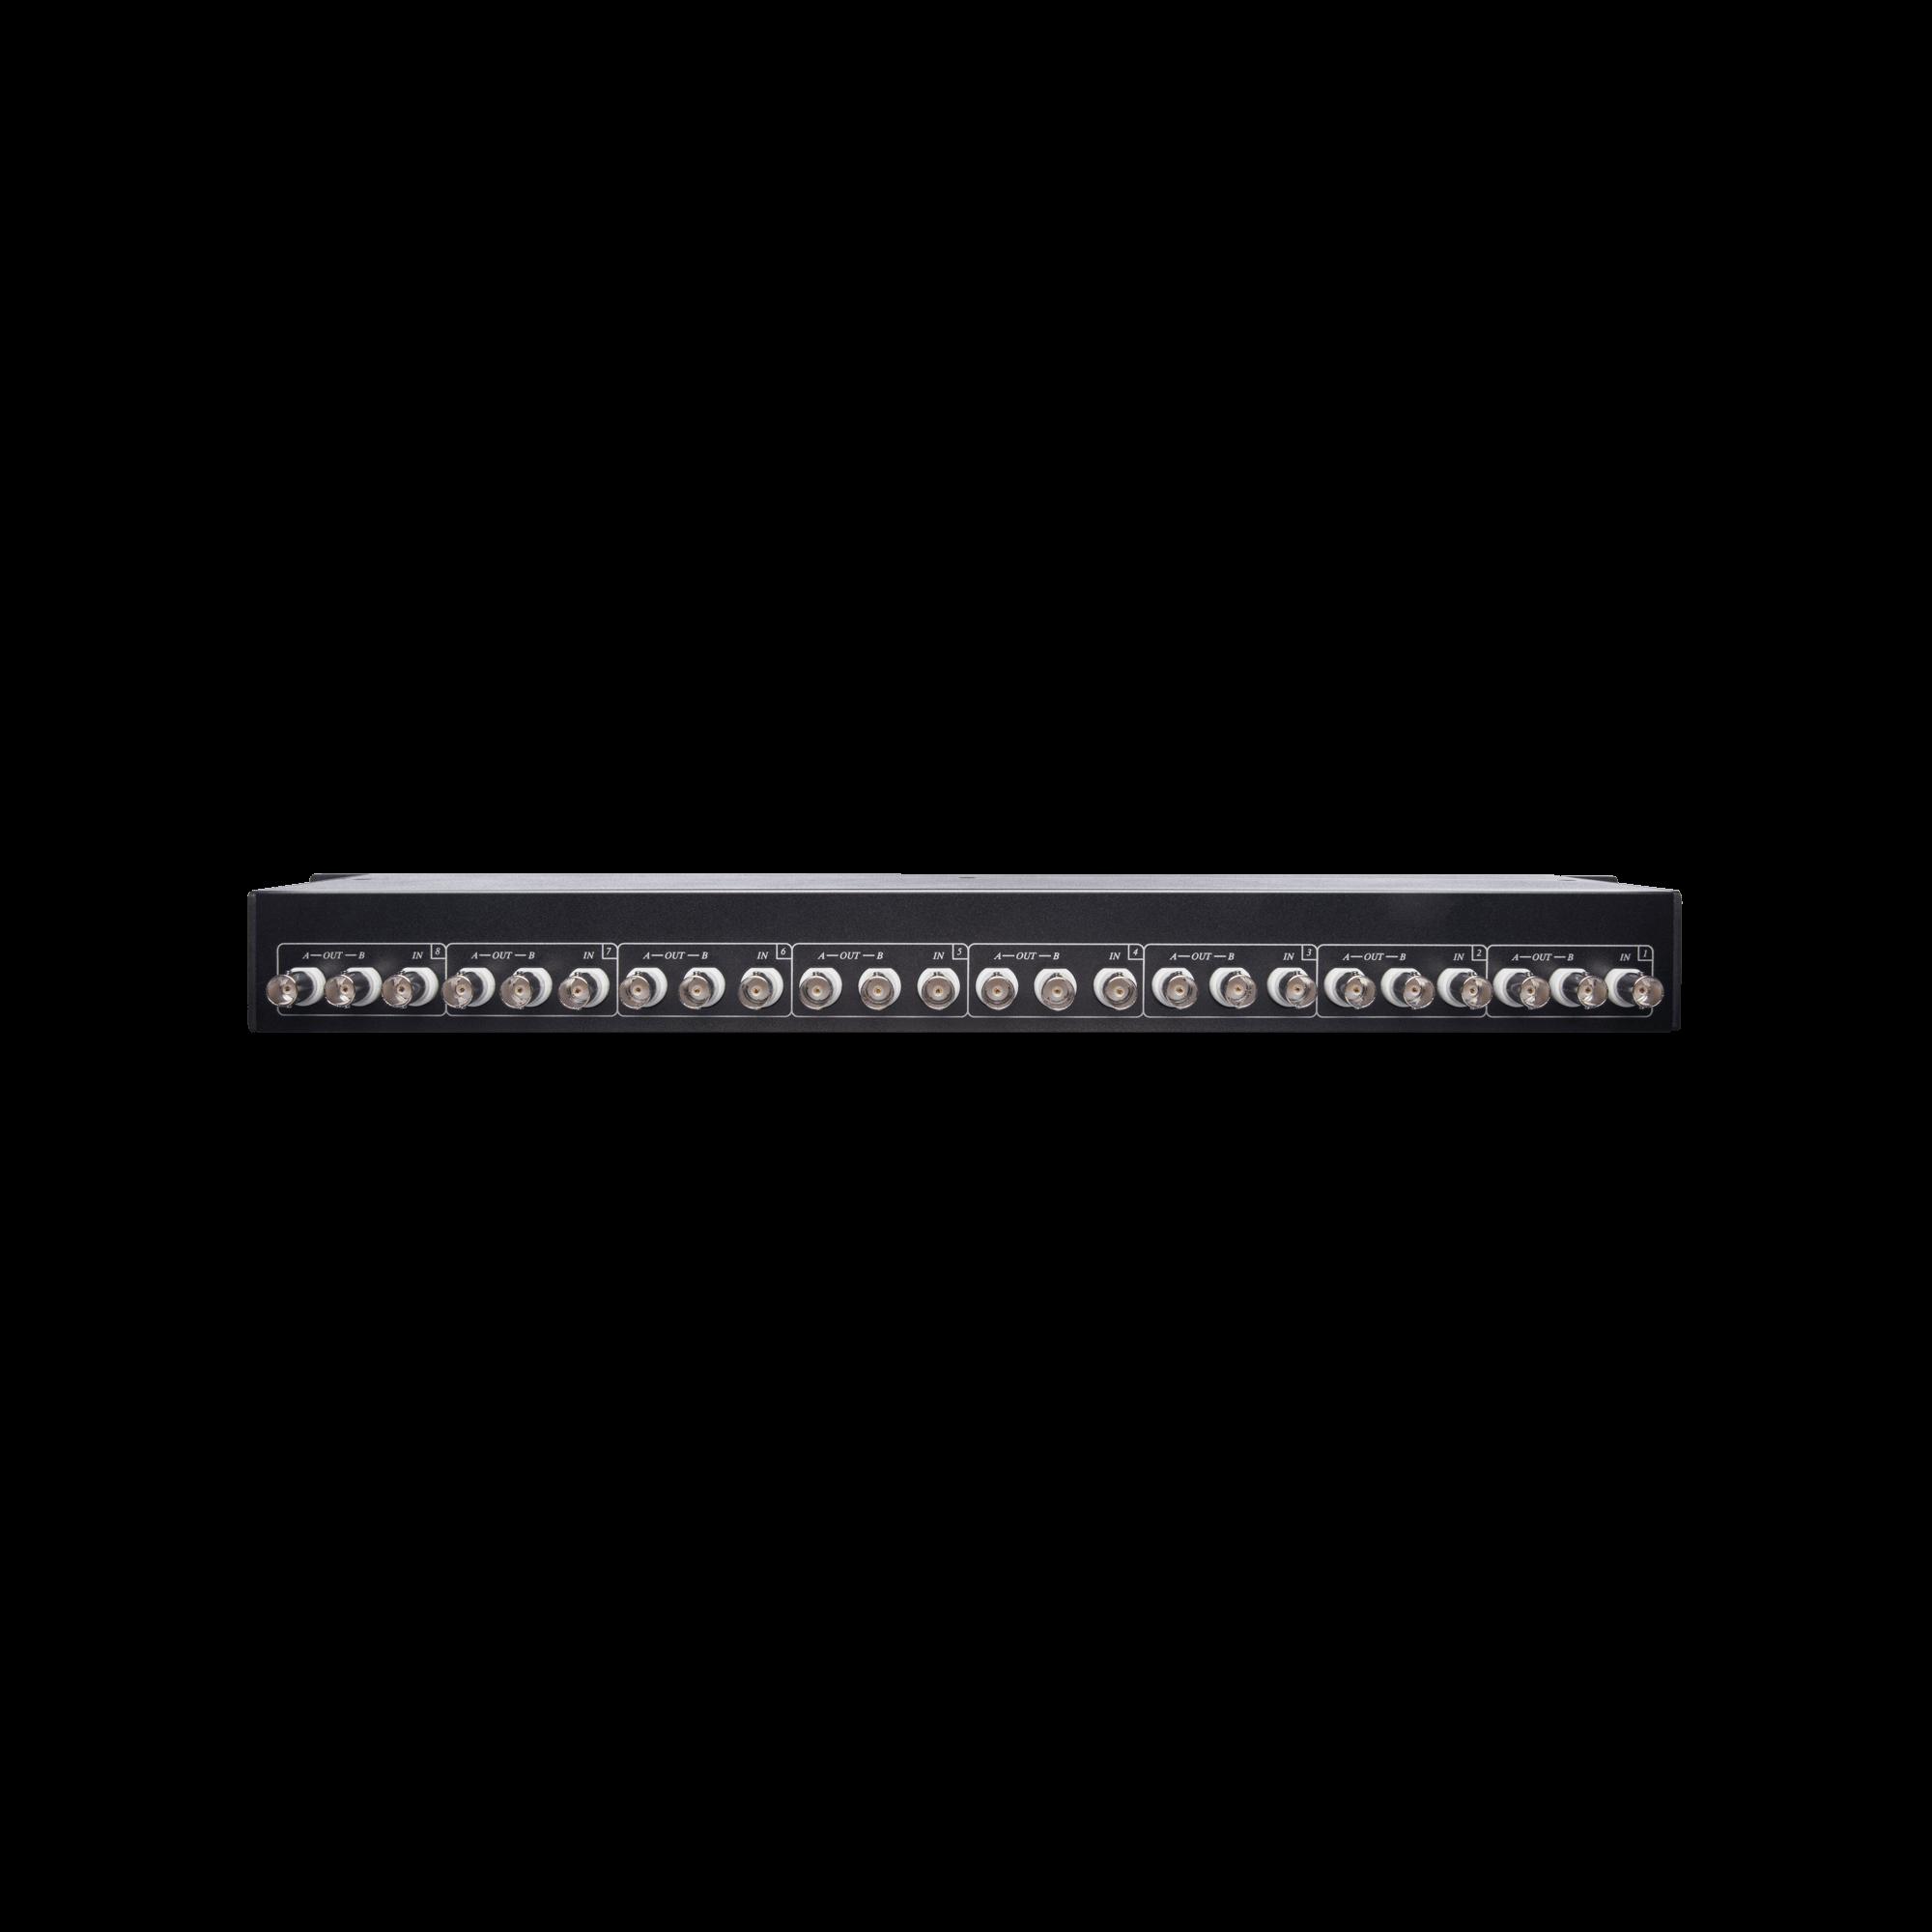 8 x 16 HD-TVI/AHD/HDCVI/CVBS Video Distributor